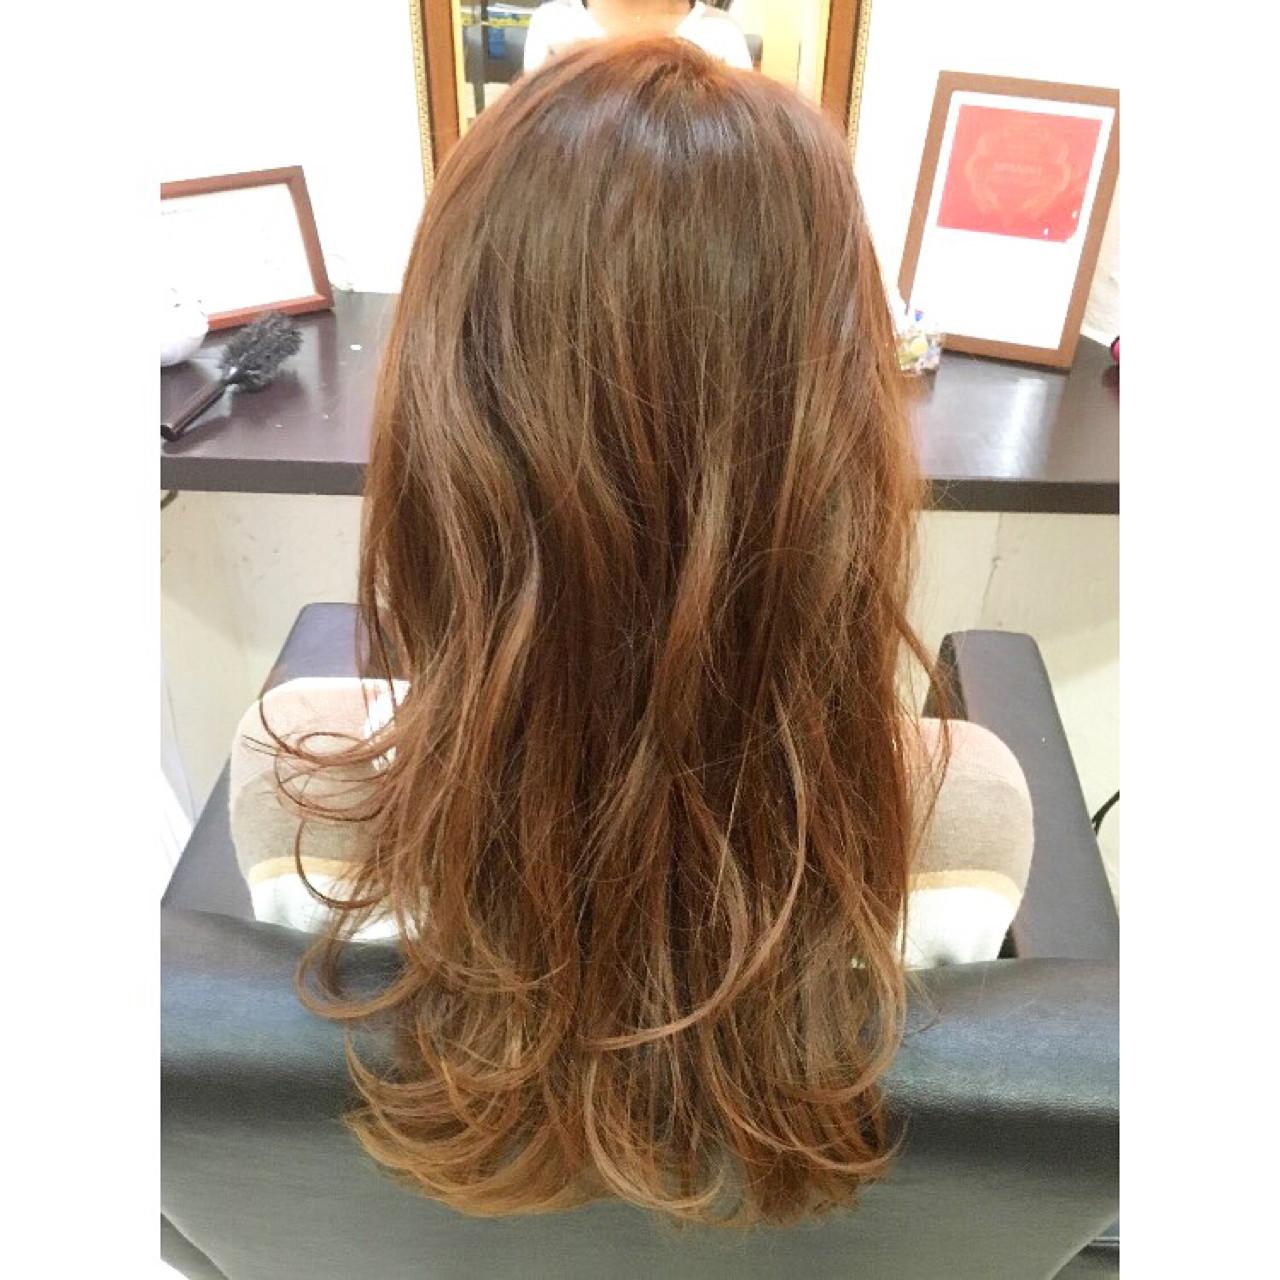 ロング ピンク ハイライト ガーリー ヘアスタイルや髪型の写真・画像